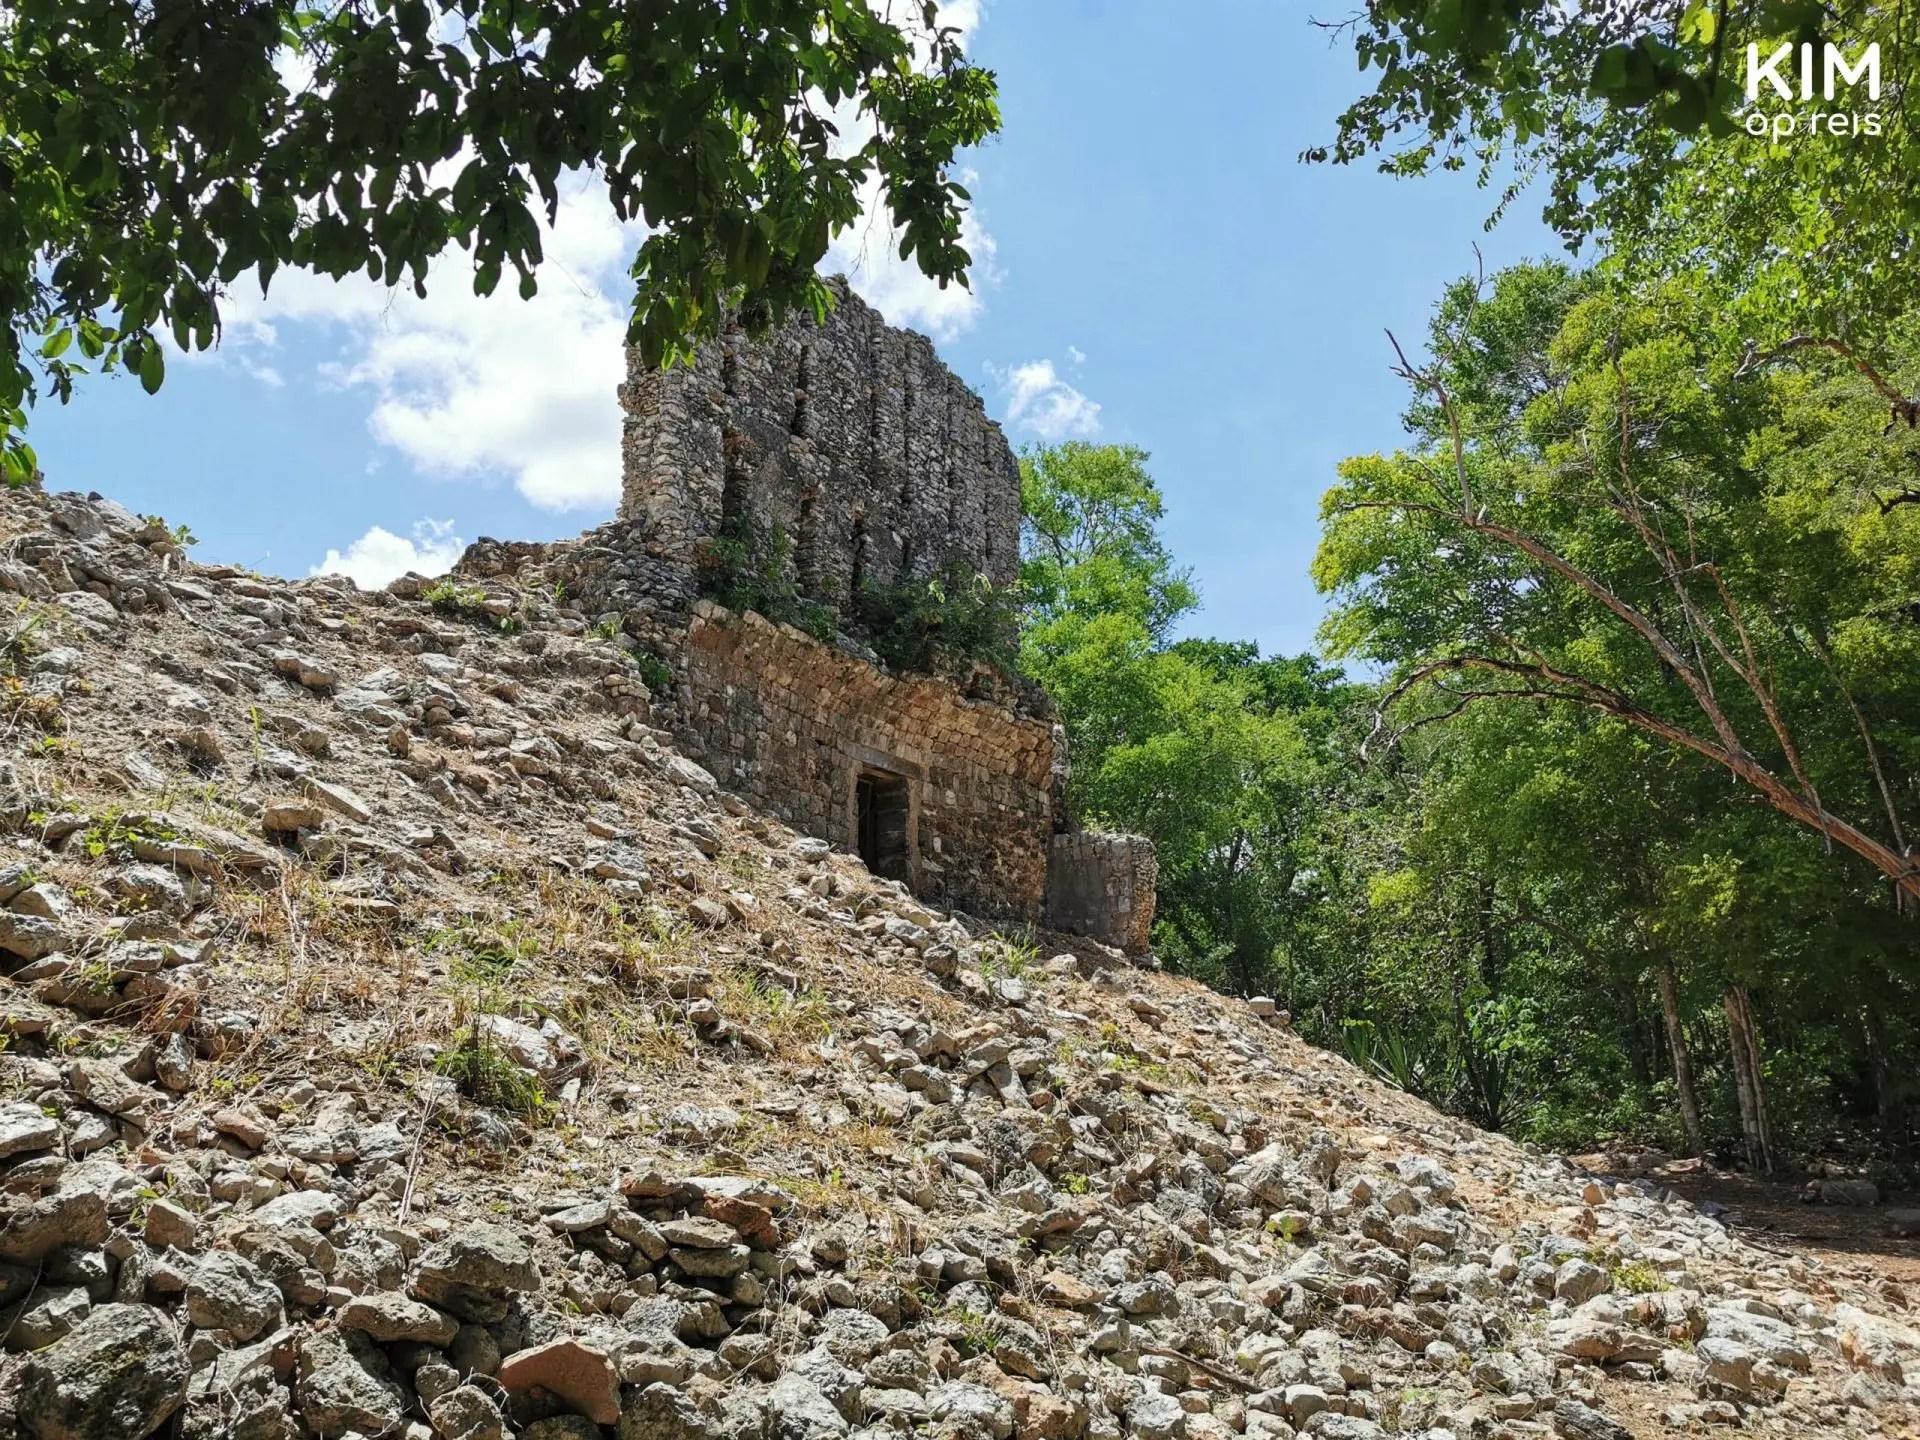 Sayil Ruta Puuc: stuk muur op een heuvel temidden van veel losse stenen